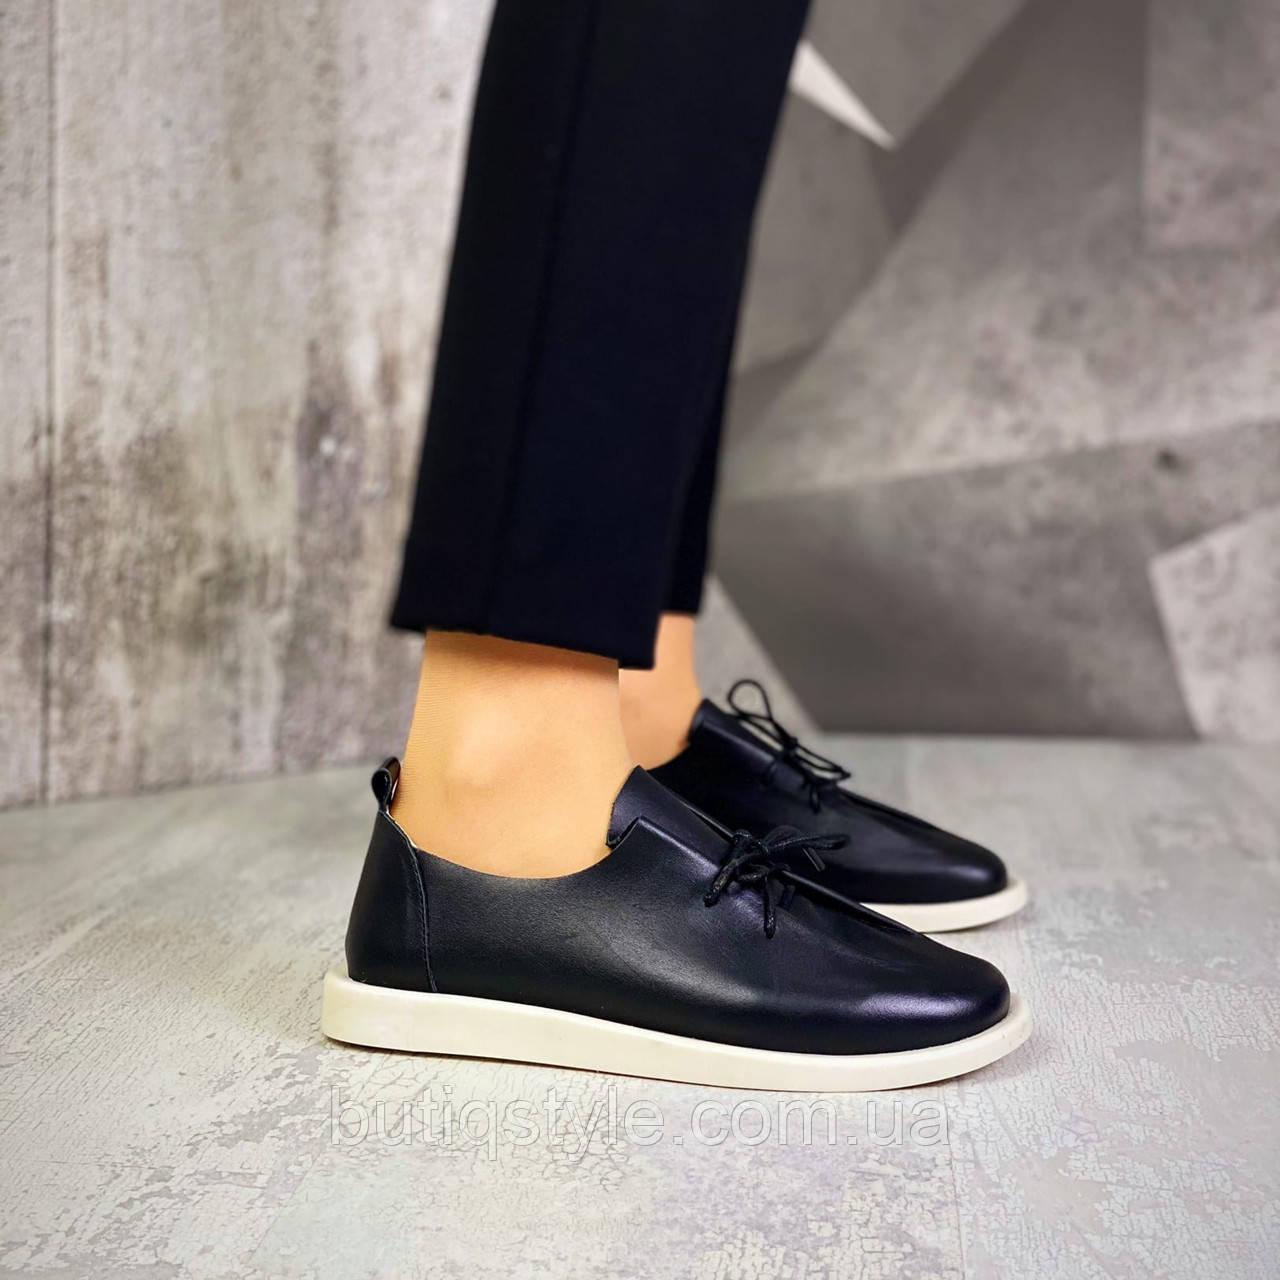 Женские черные туфли натуральная кожа на шнуровке